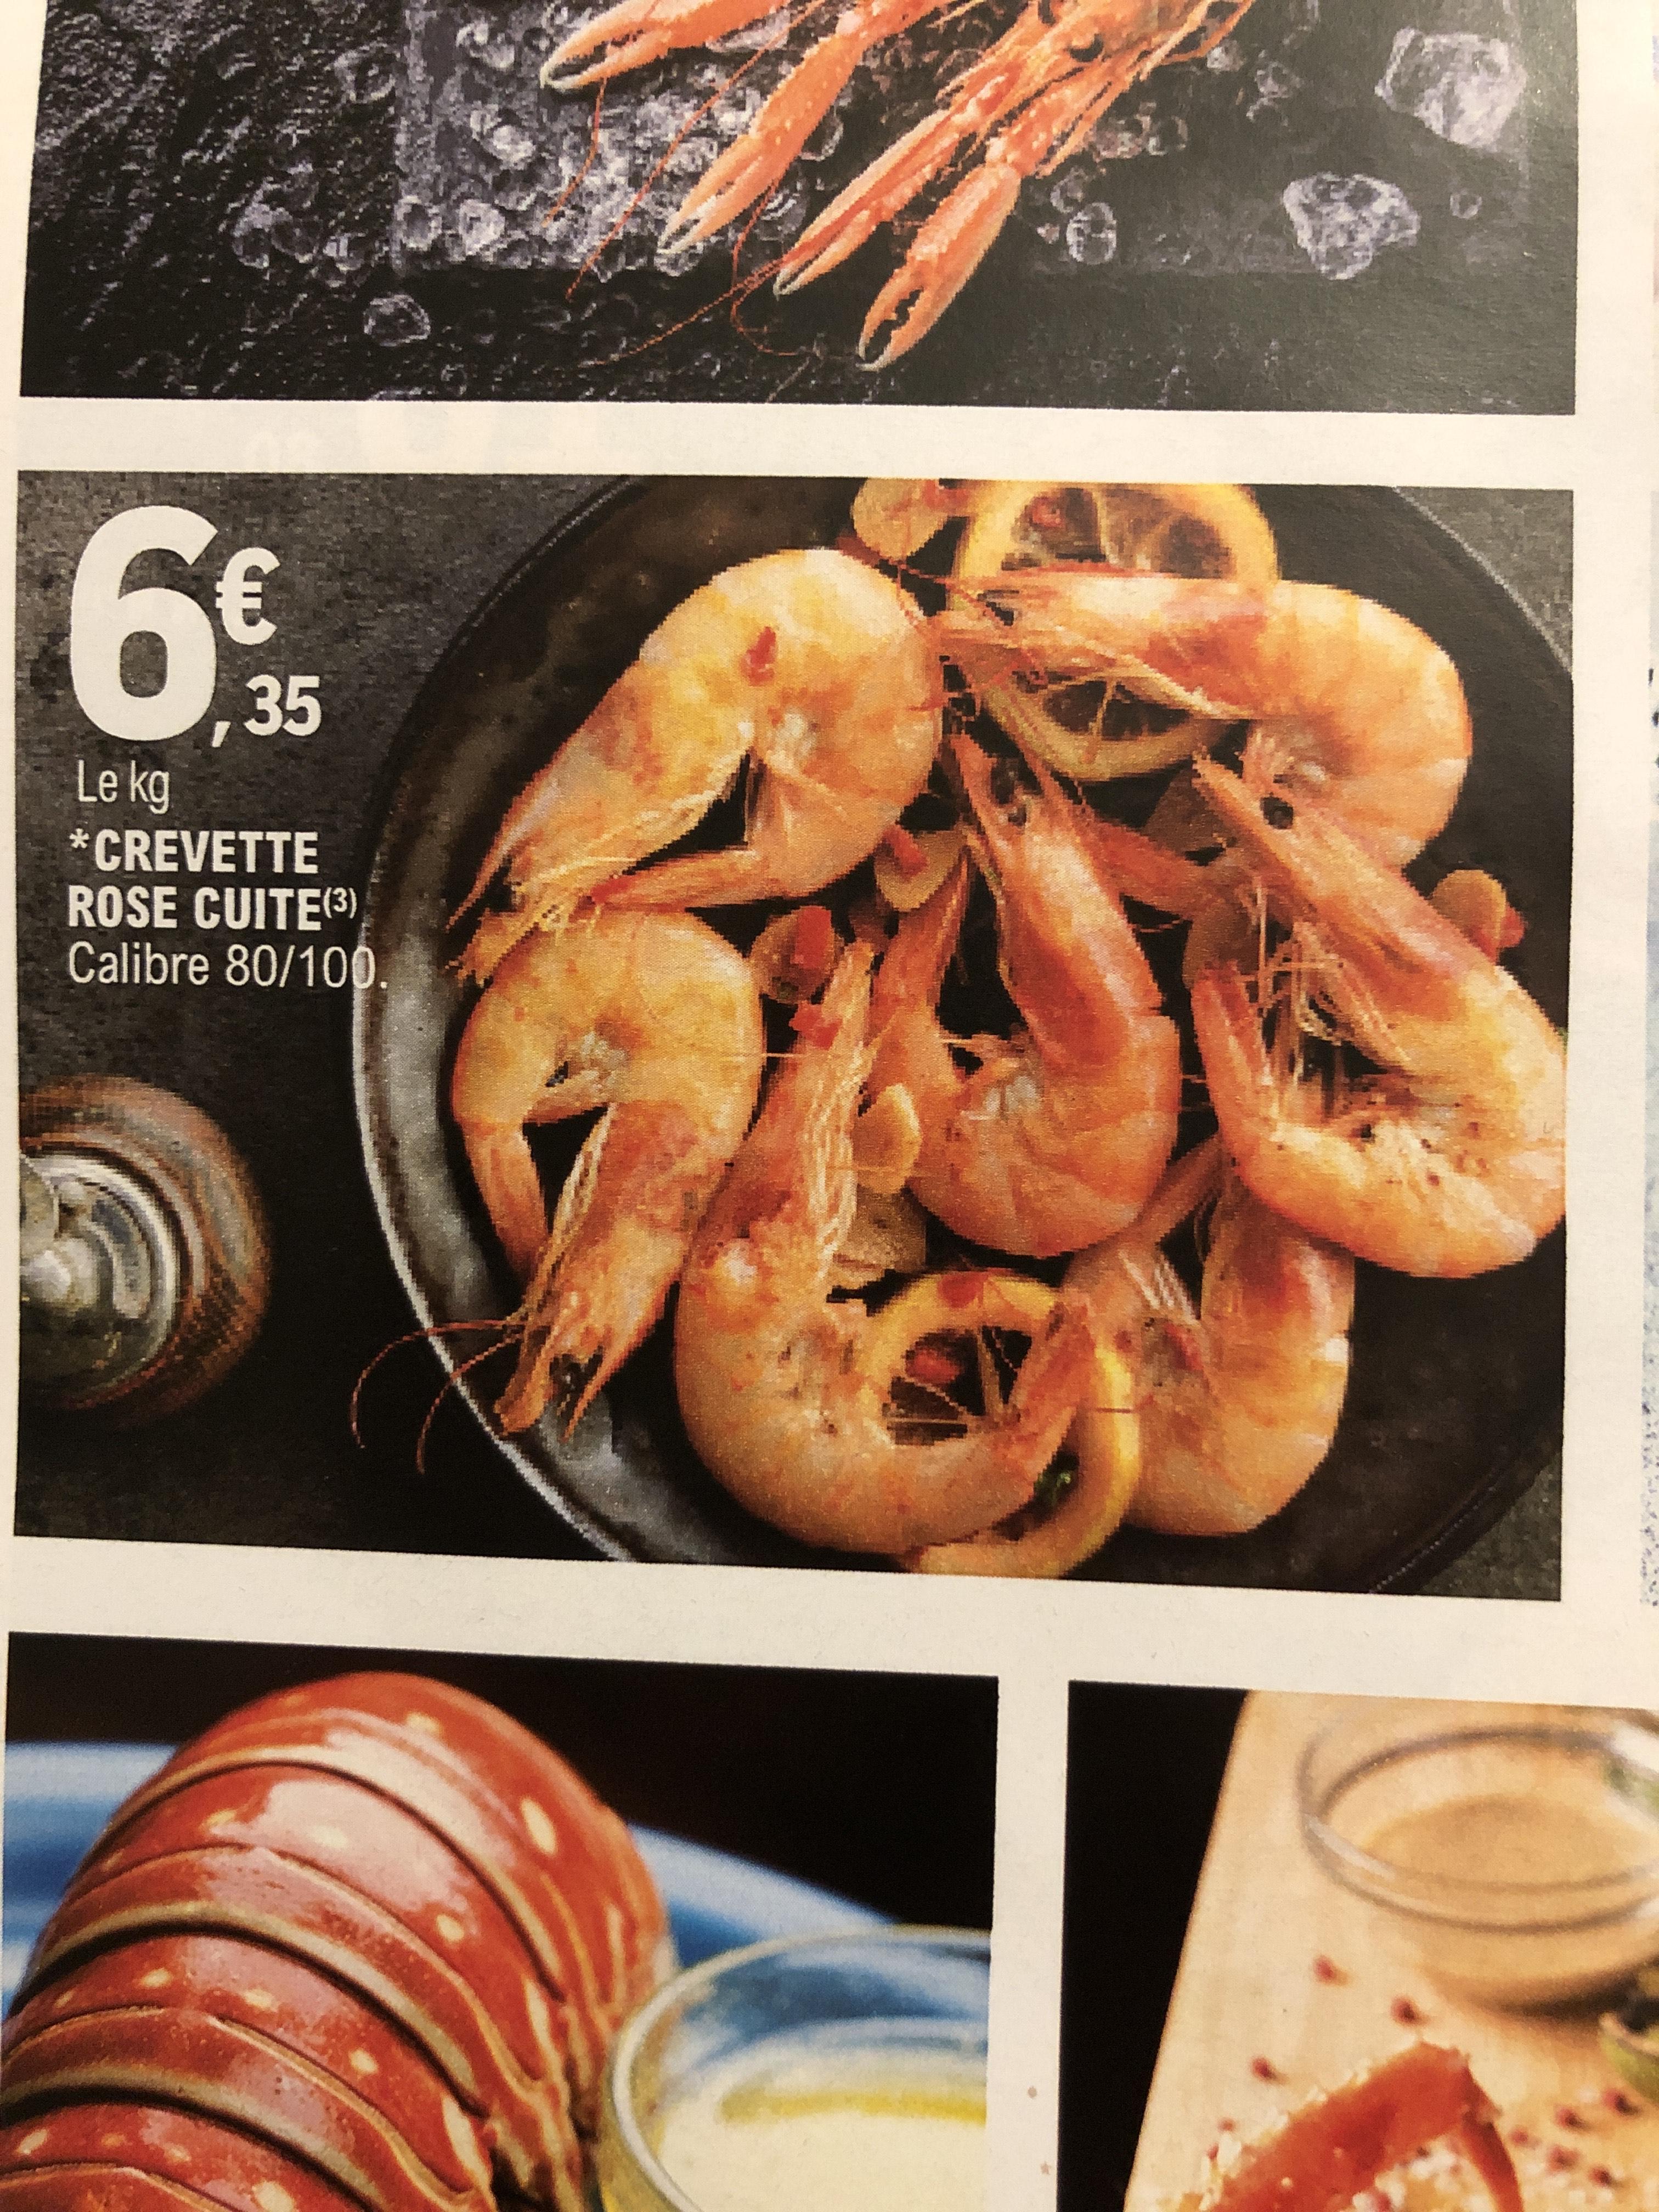 Crevette rose cuite - 1 kg, Calibre 80/100